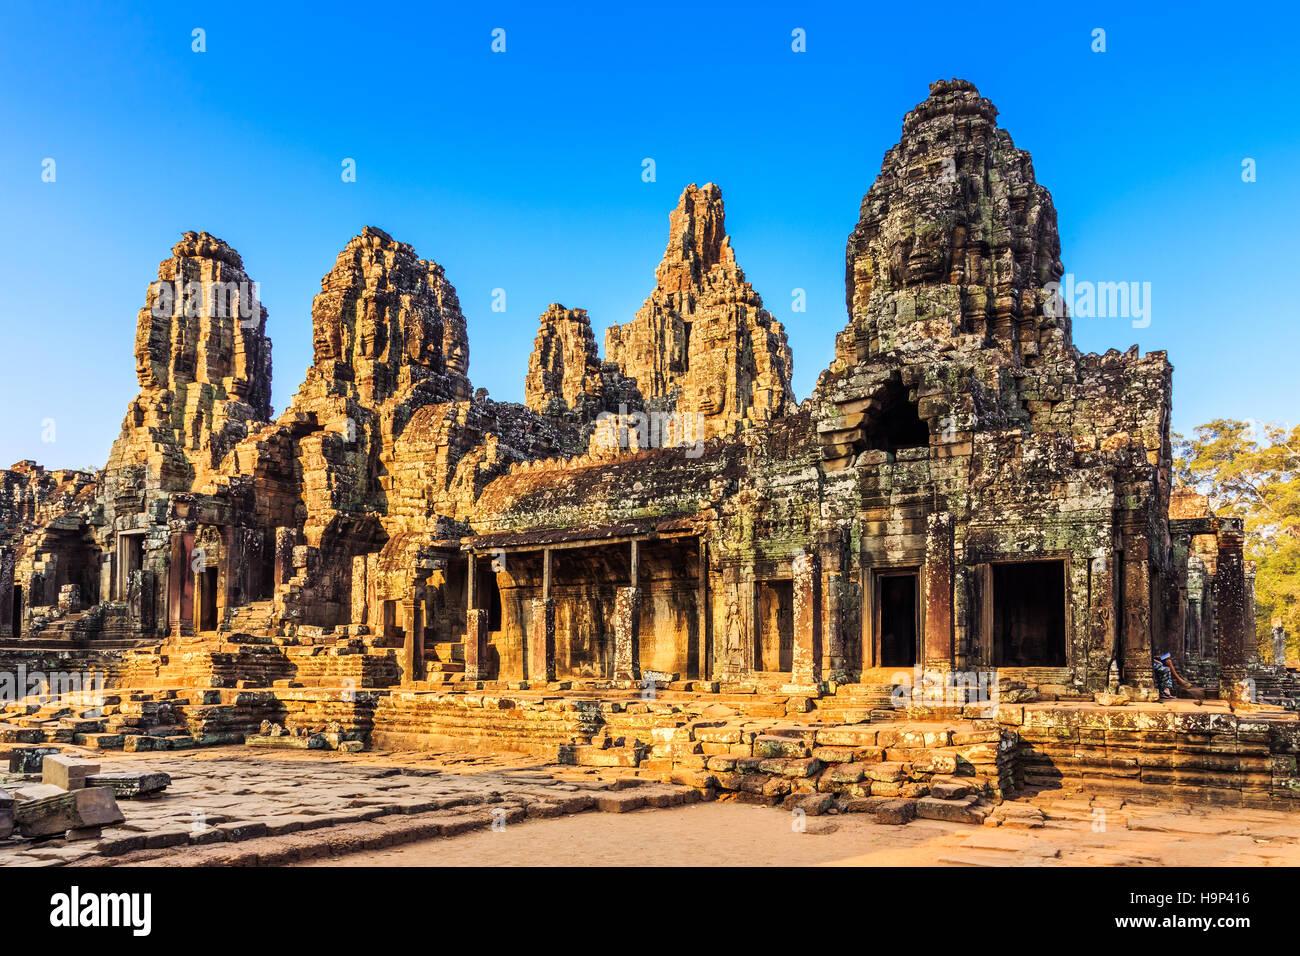 Angkor, Cambodia. Bayon Temple Angkor Thom. Ancient Khmer architecture. - Stock Image